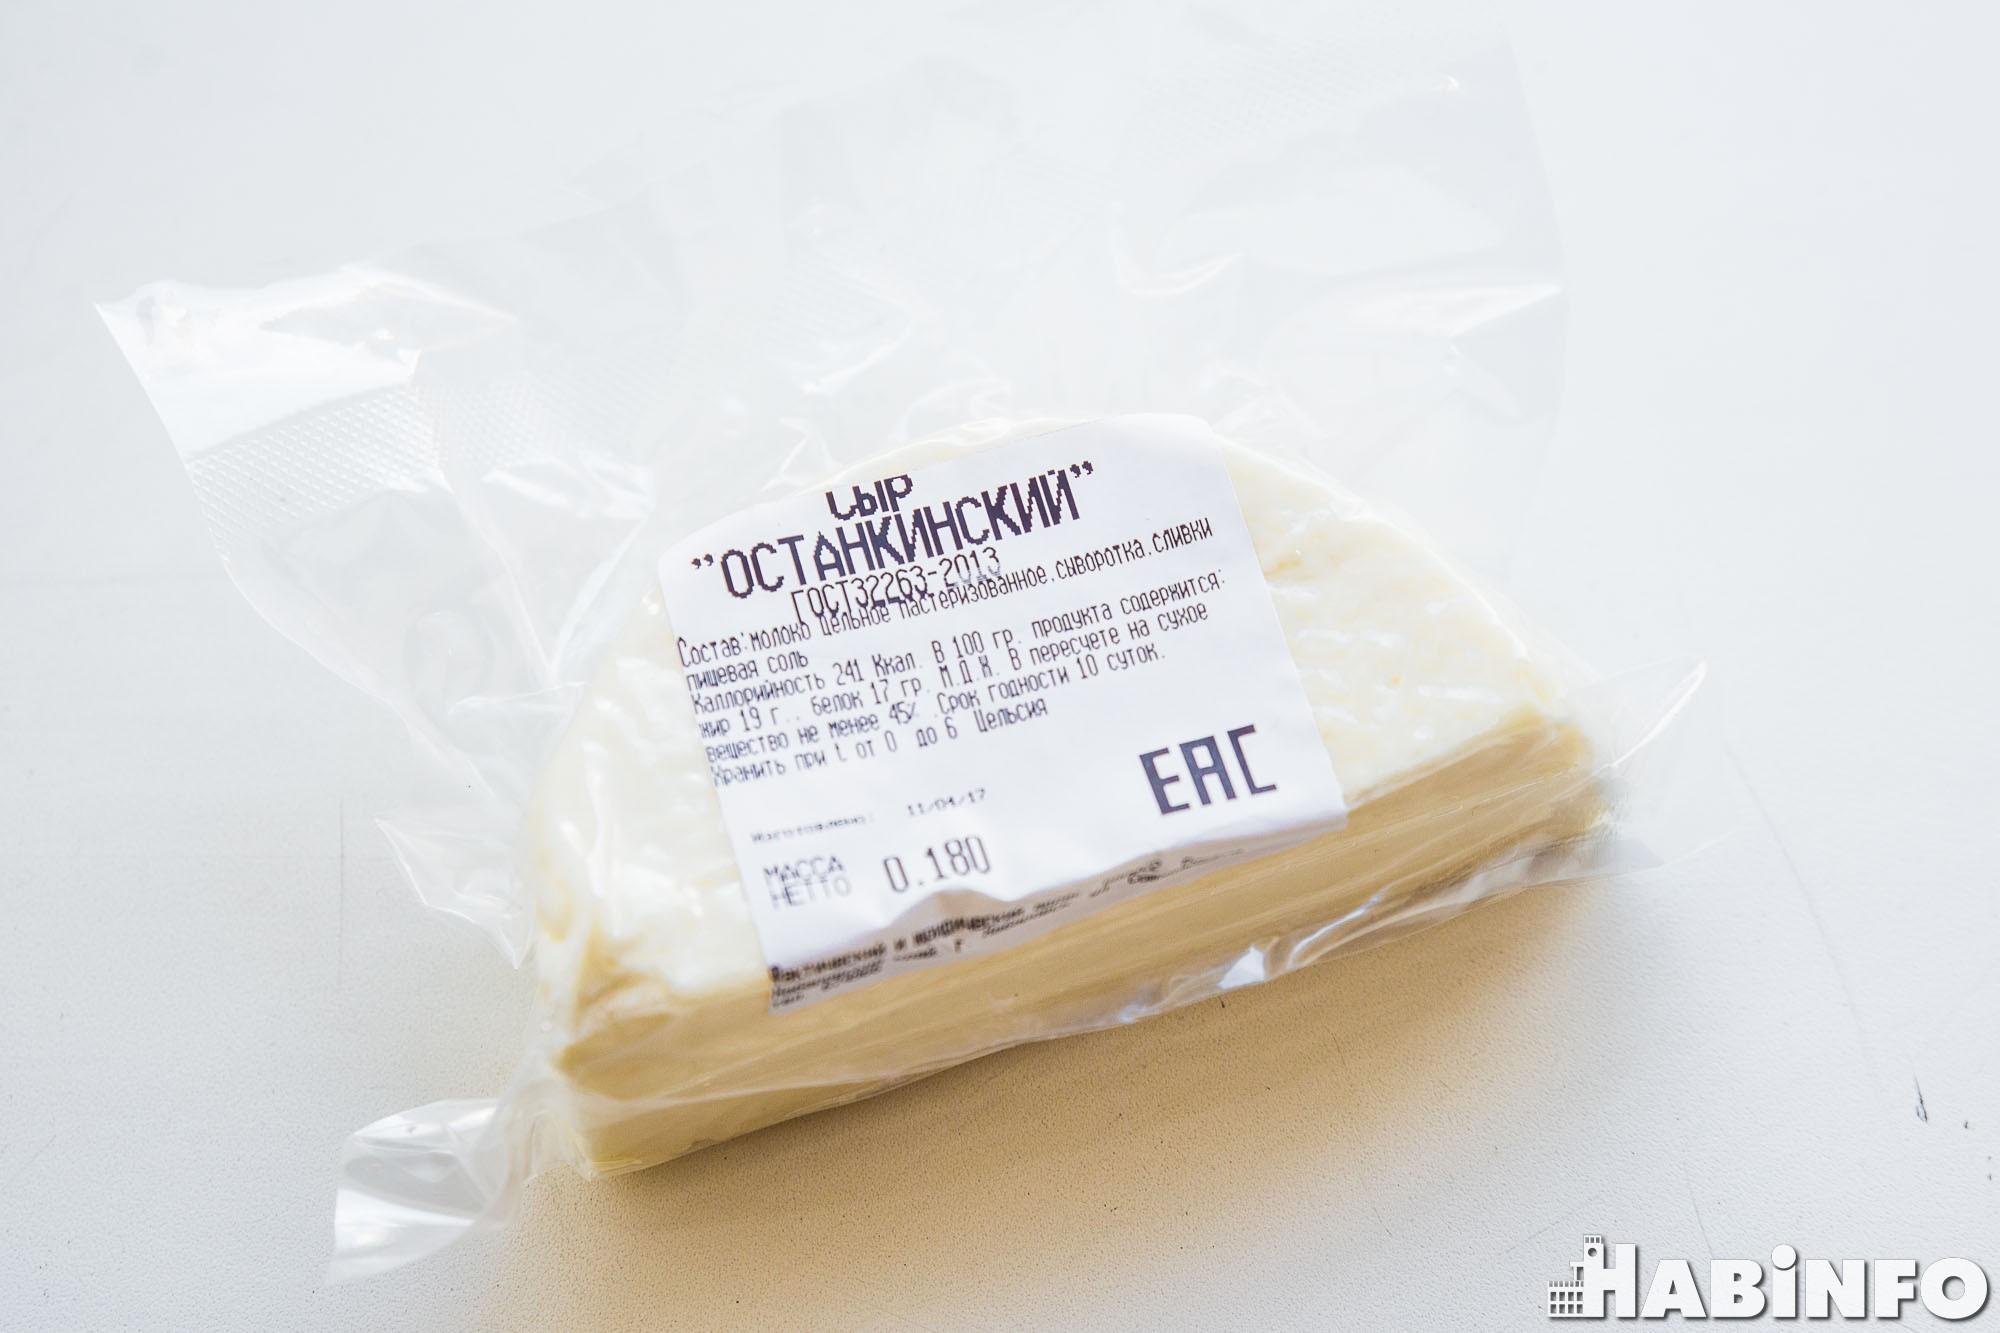 Все оттенки сырного: от чеснока до паприки (ФОТОРЕПОРТАЖ)